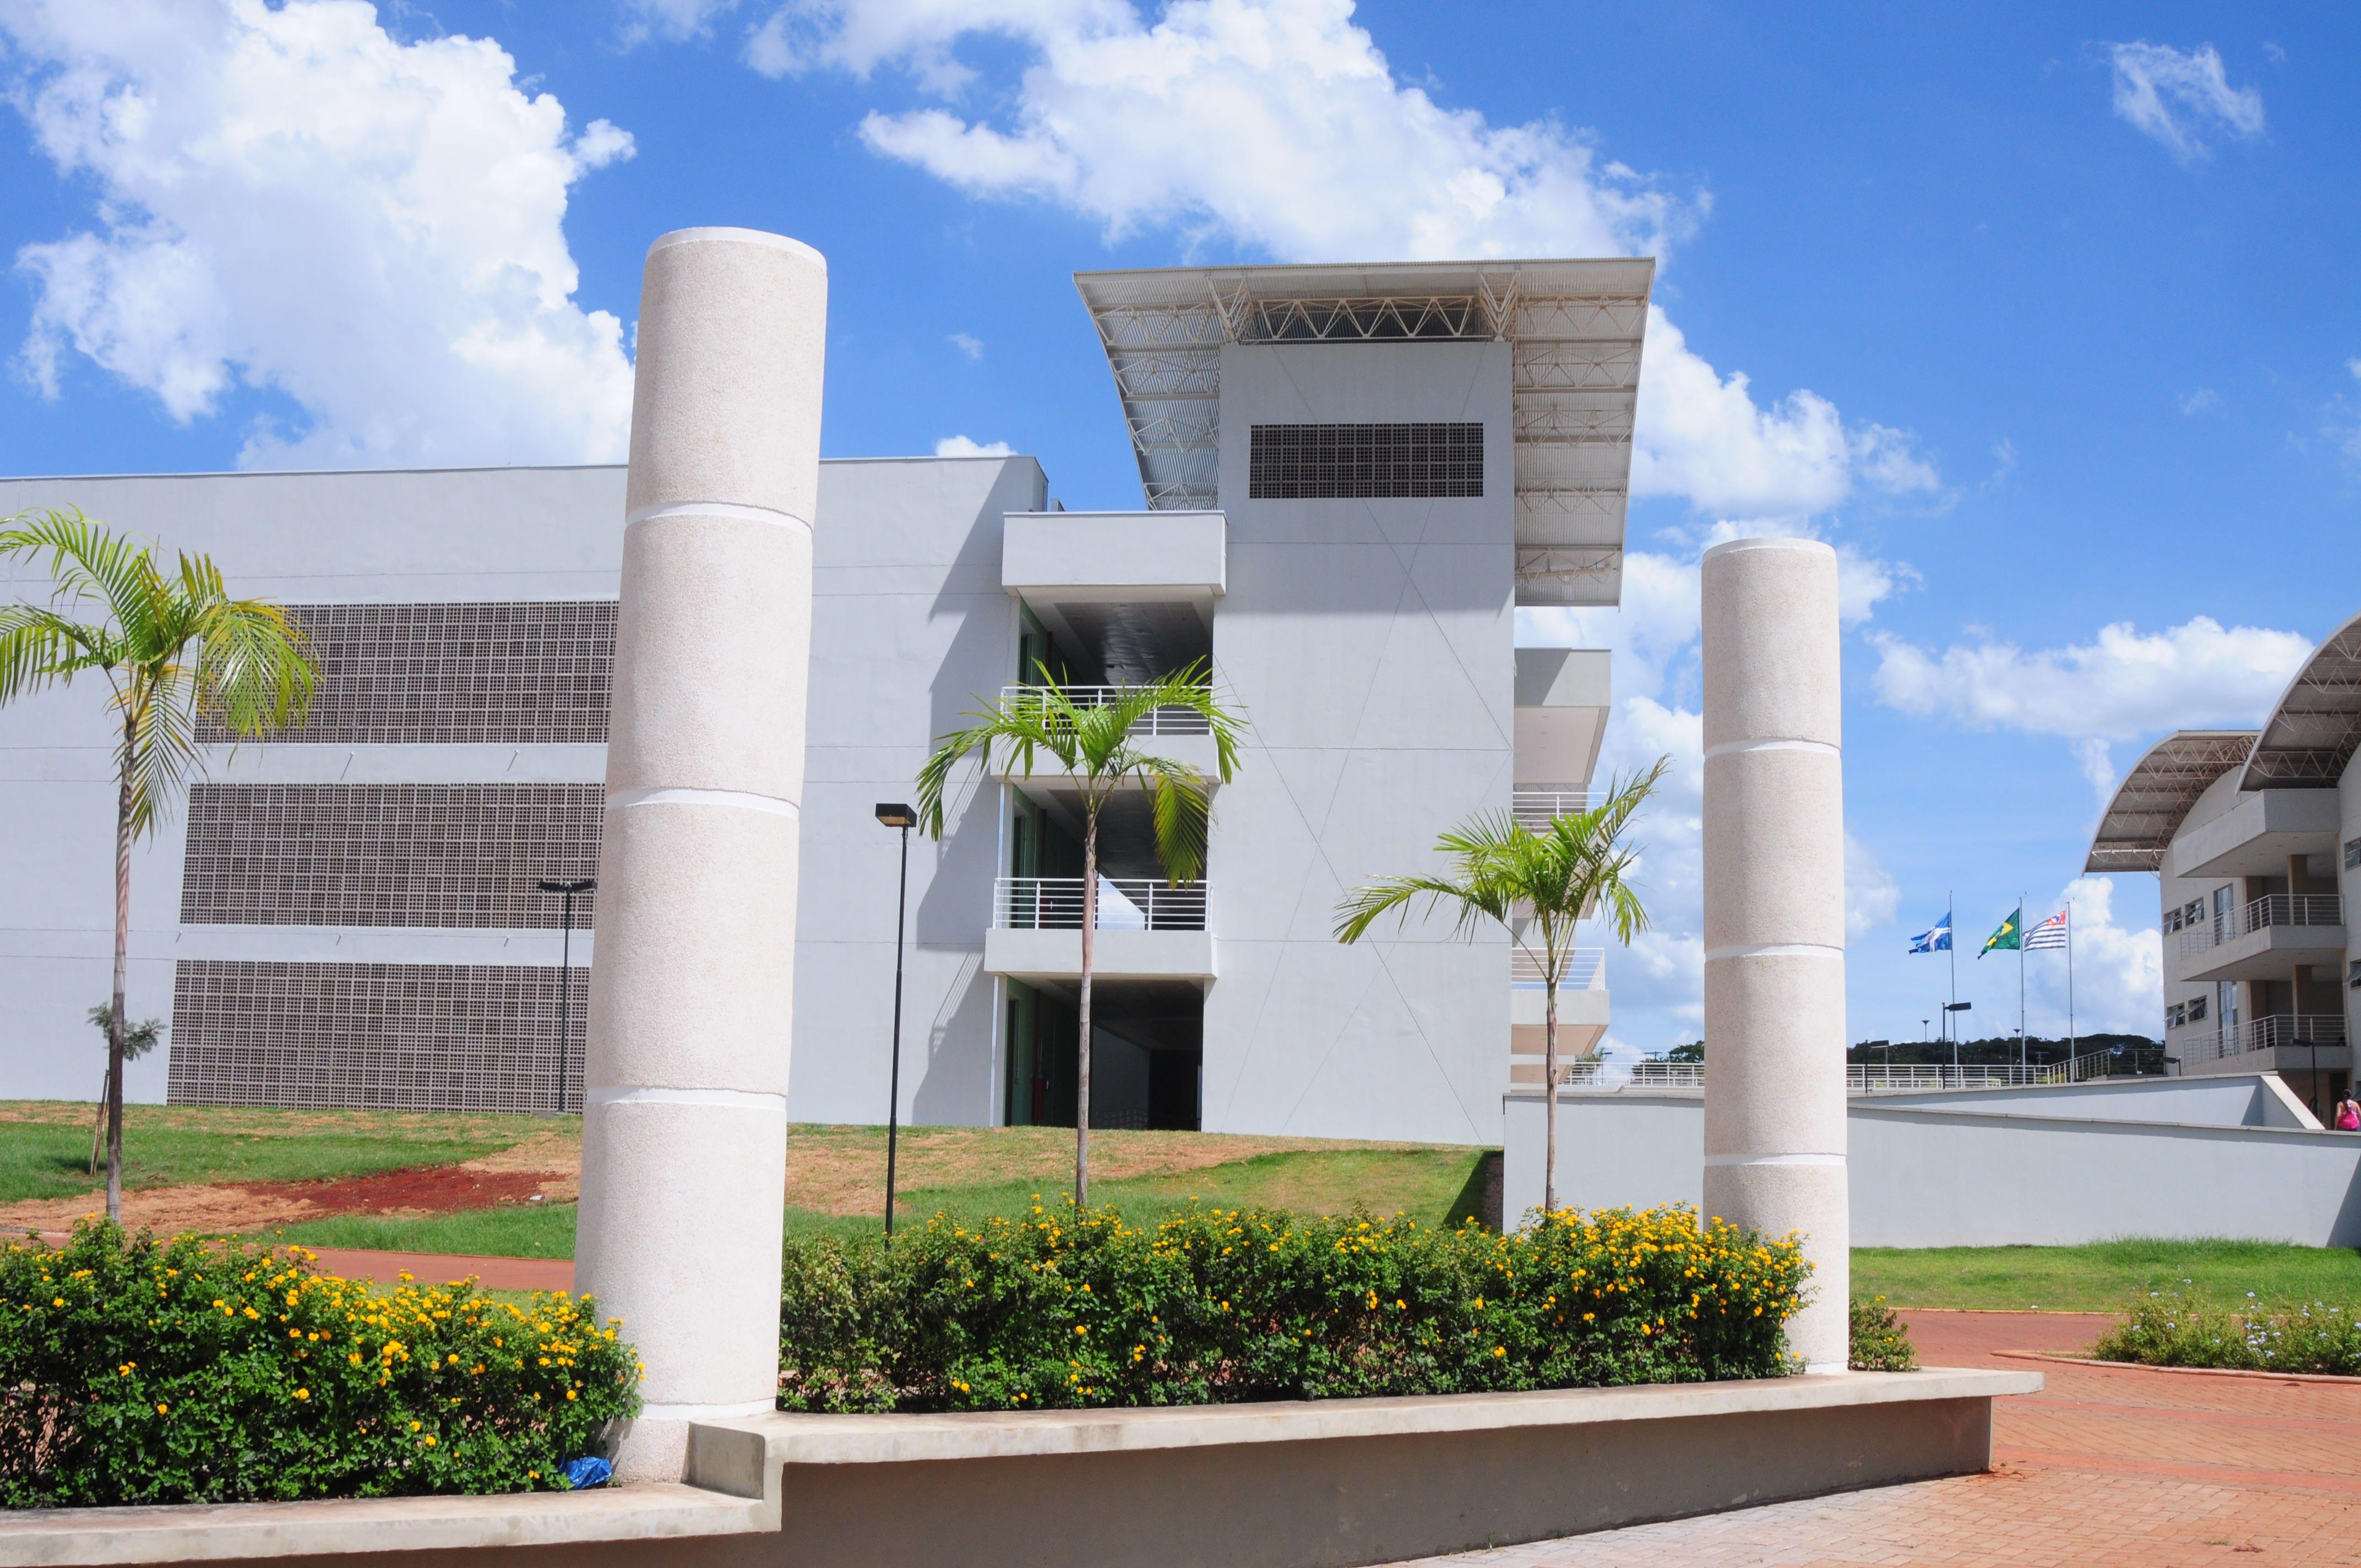 Unicamp - Universidade Estadual de Campinas 20130304_4-inauguracao-limeira-fca-scarpa-dsc_0649